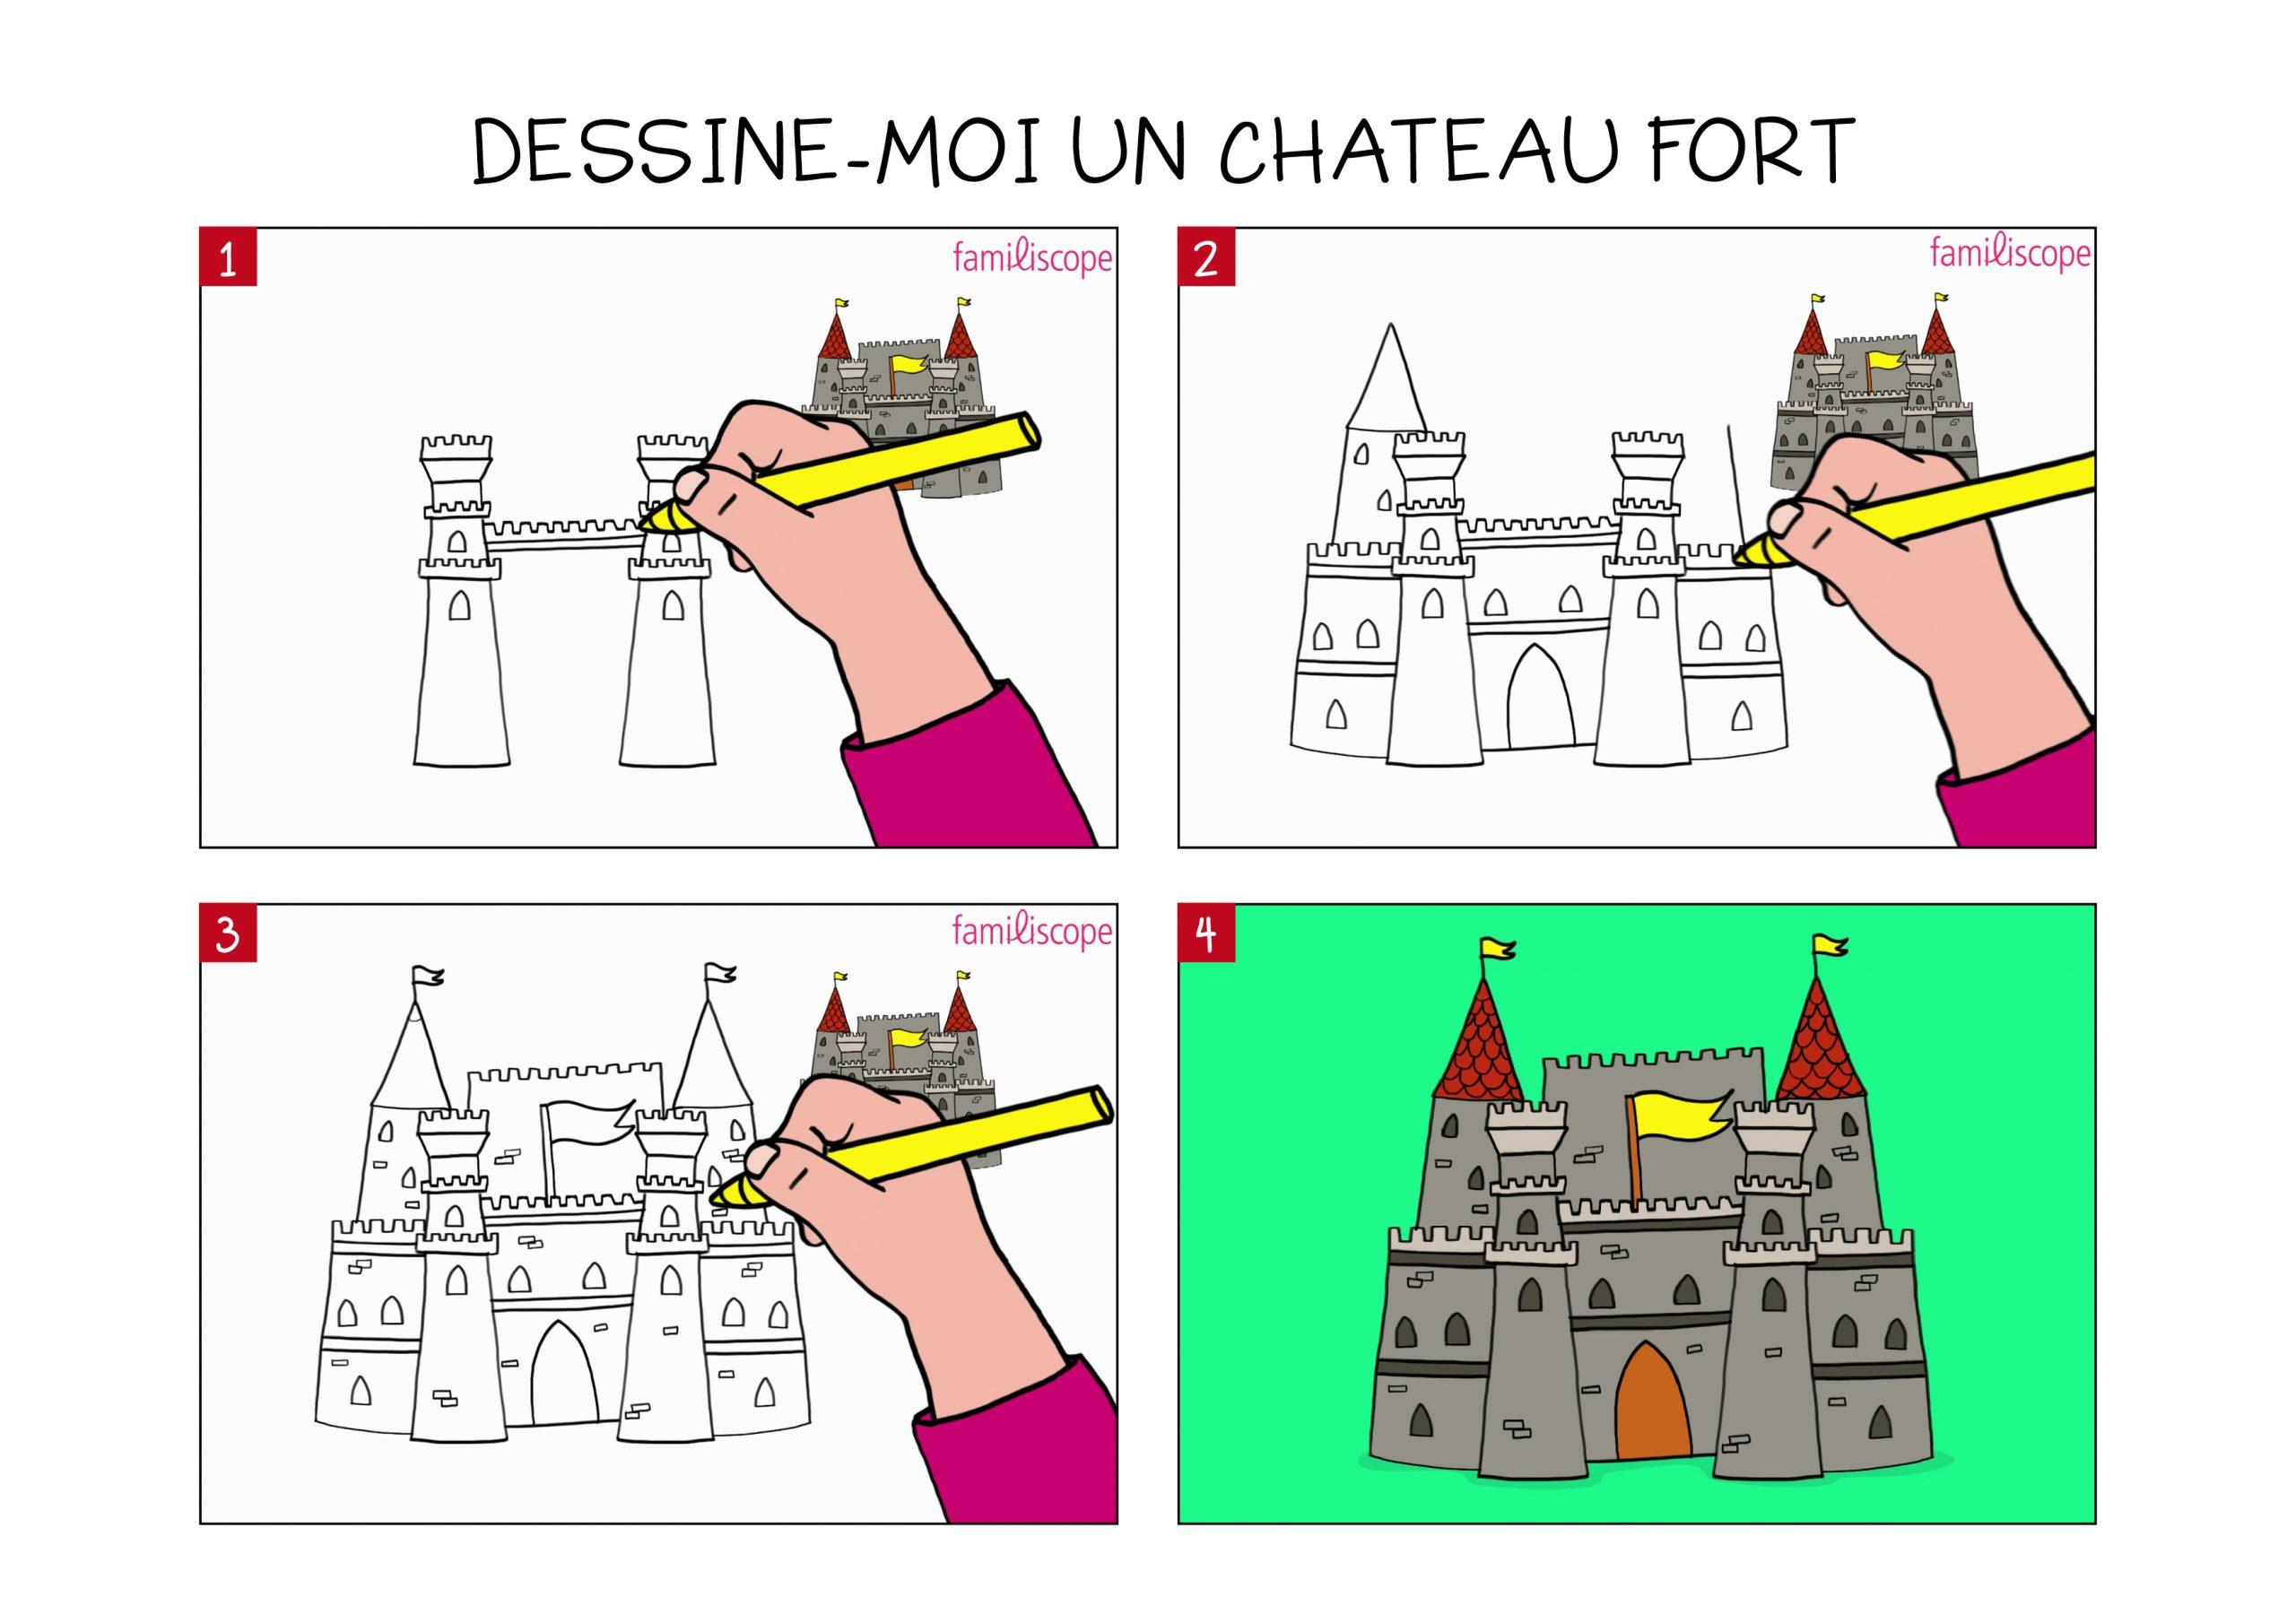 Apprendre À Dessiner Un Château Fort En 3 Étapes pour Image De Chateau Fort A Imprimer